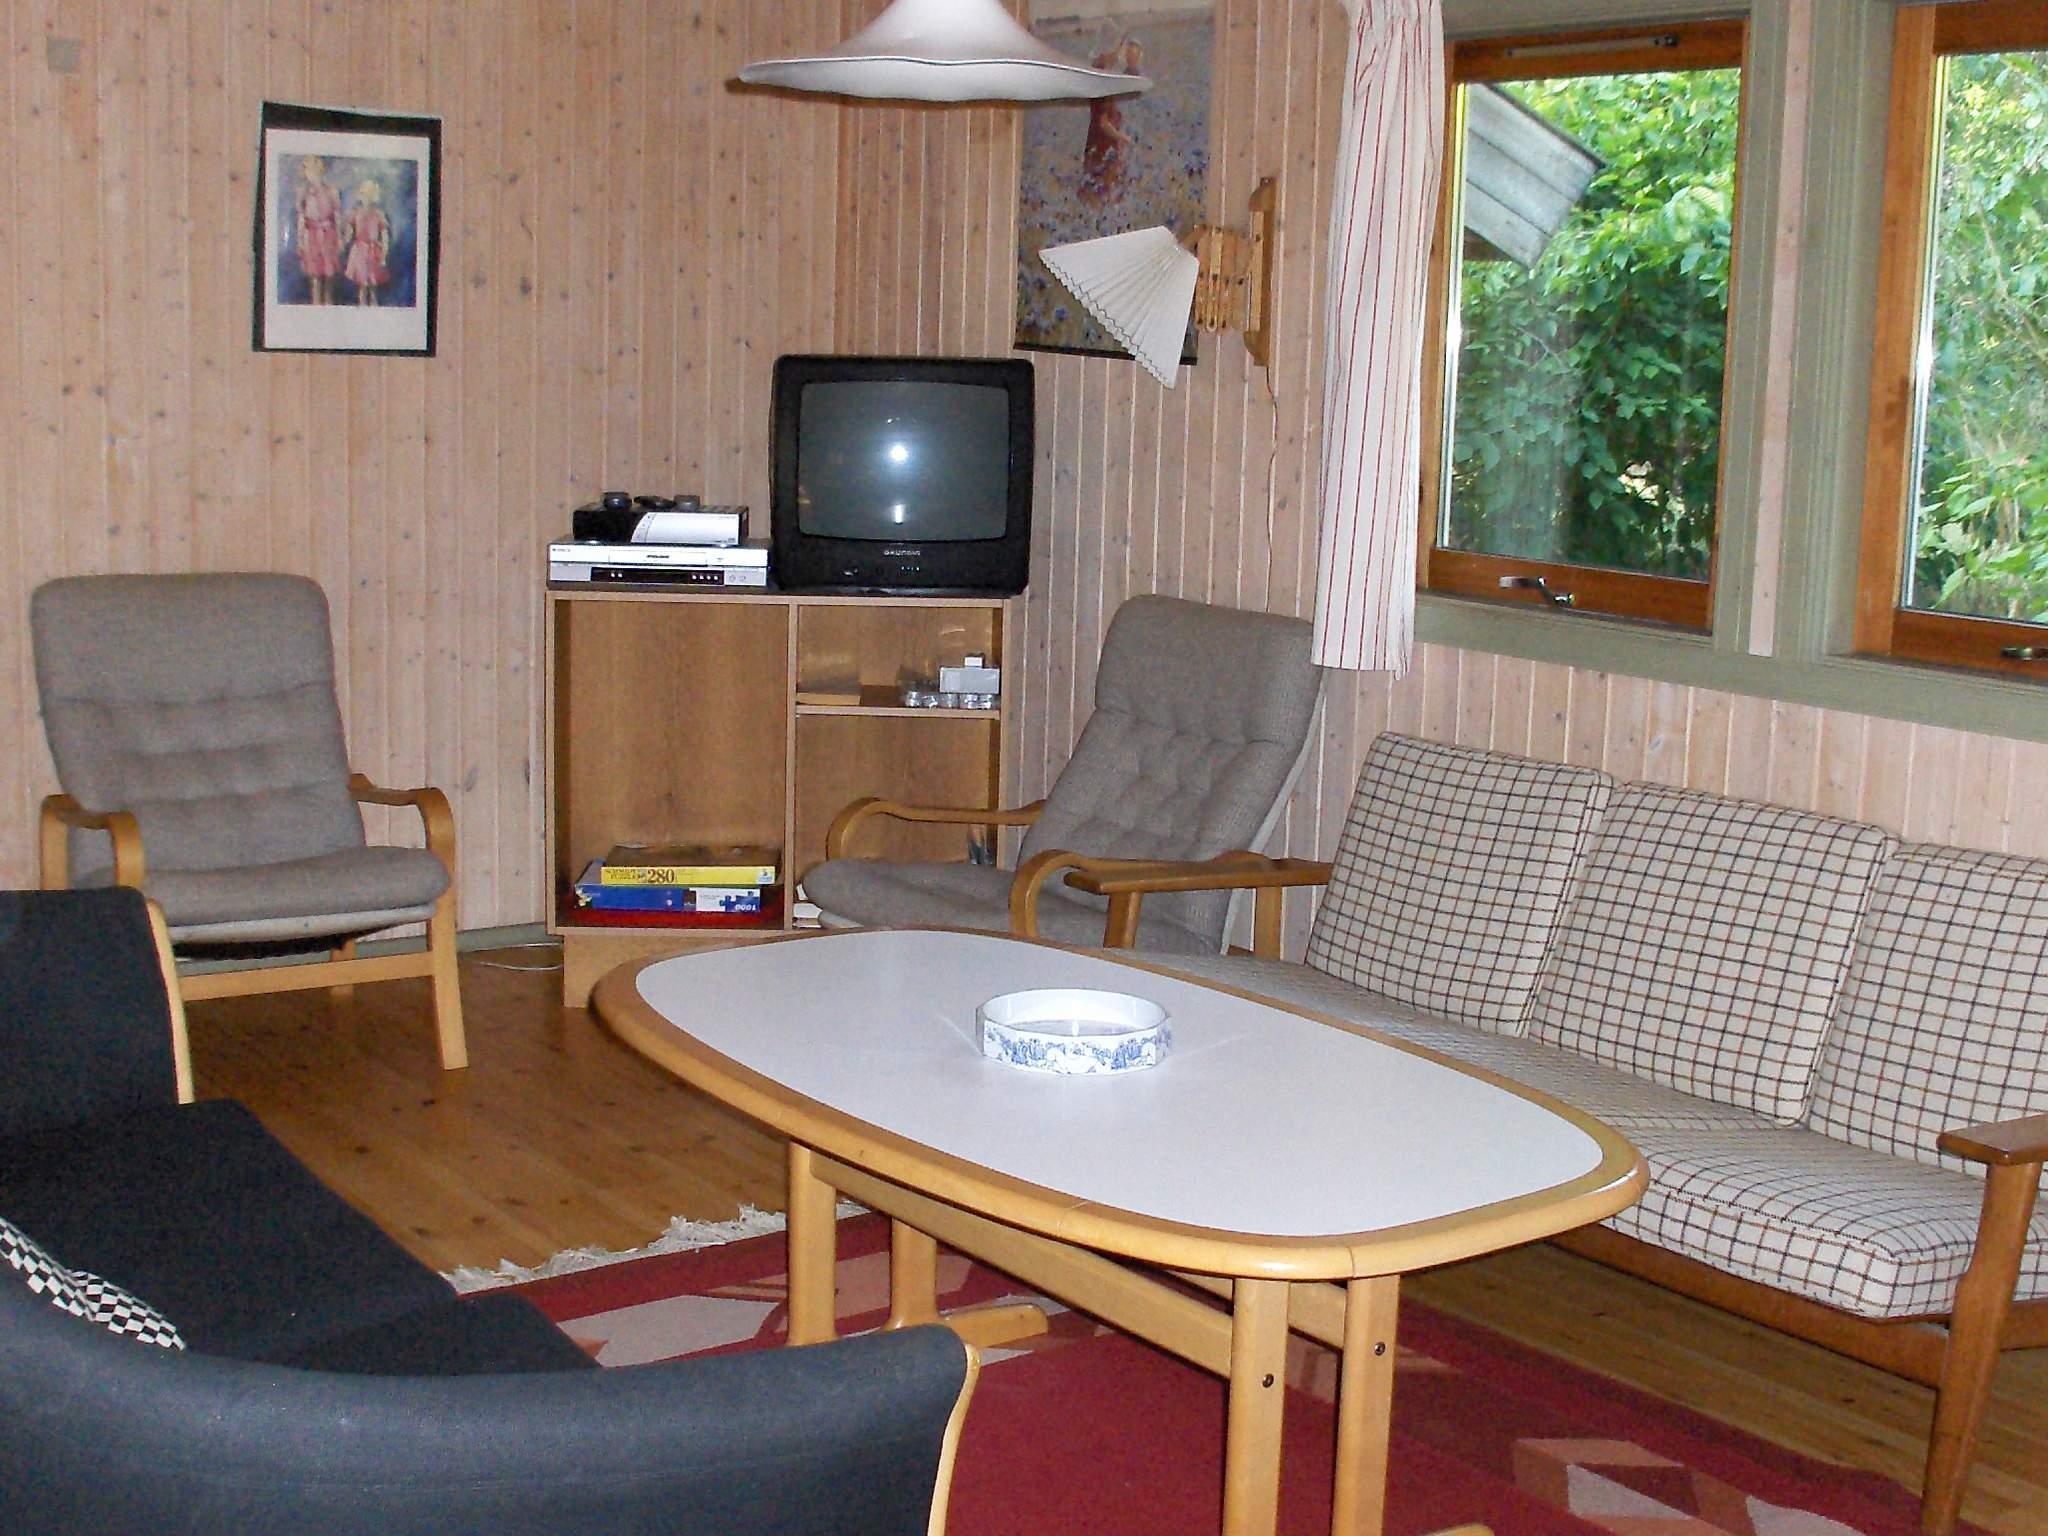 Ferienhaus Marielyst (87234), Marielyst, , Falster, Dänemark, Bild 15